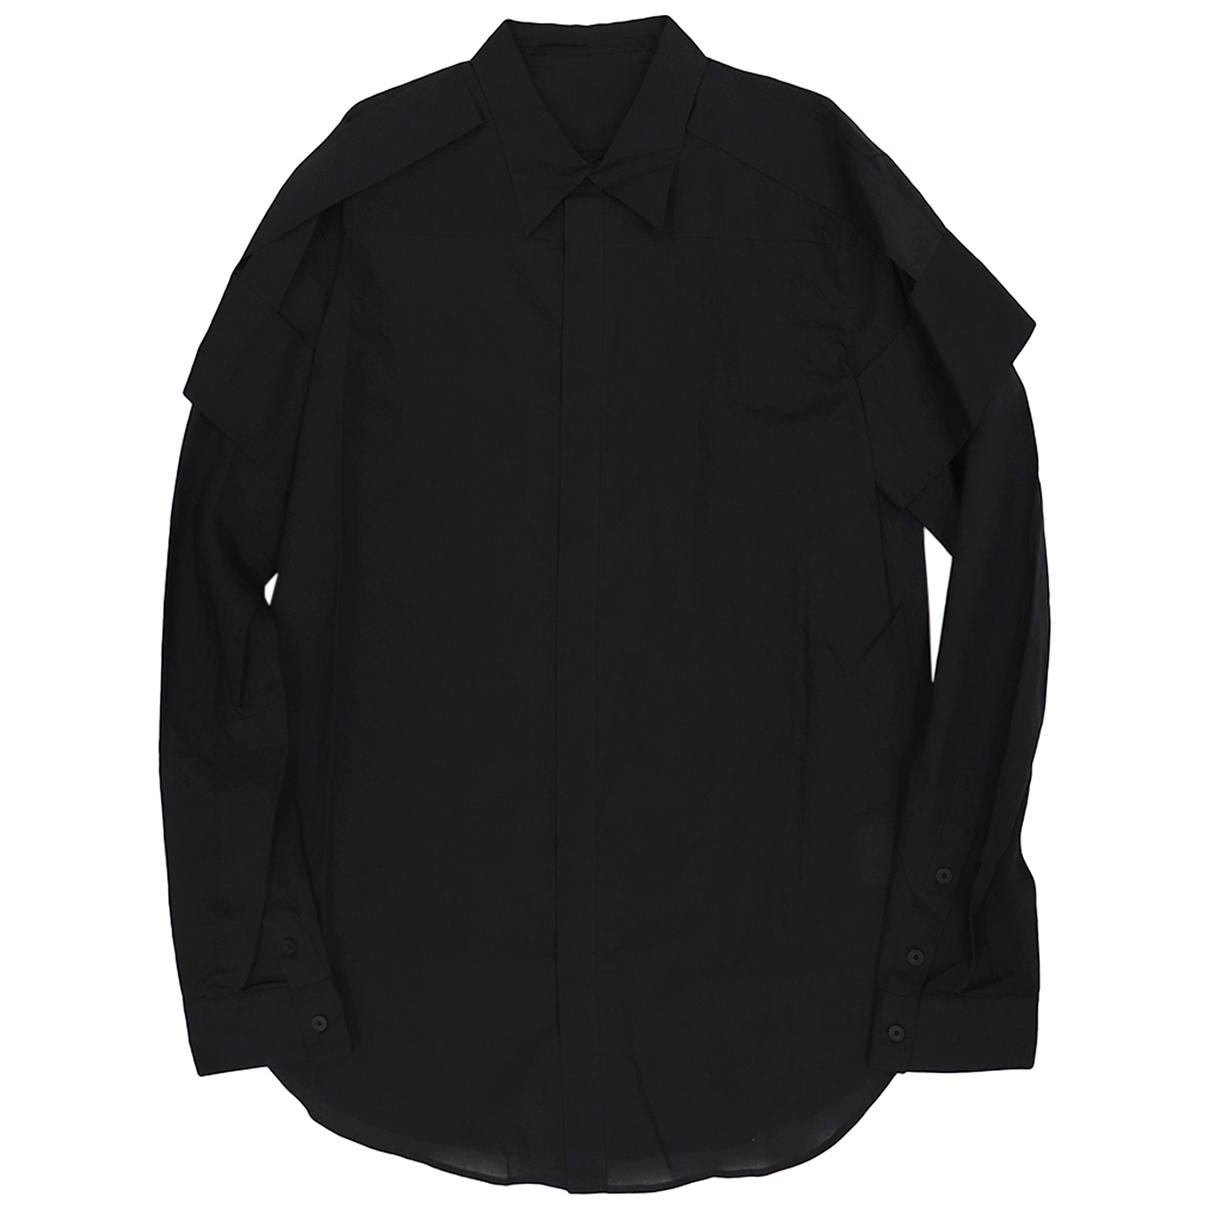 Julius 7 - Tee shirts   pour homme en autre - noir